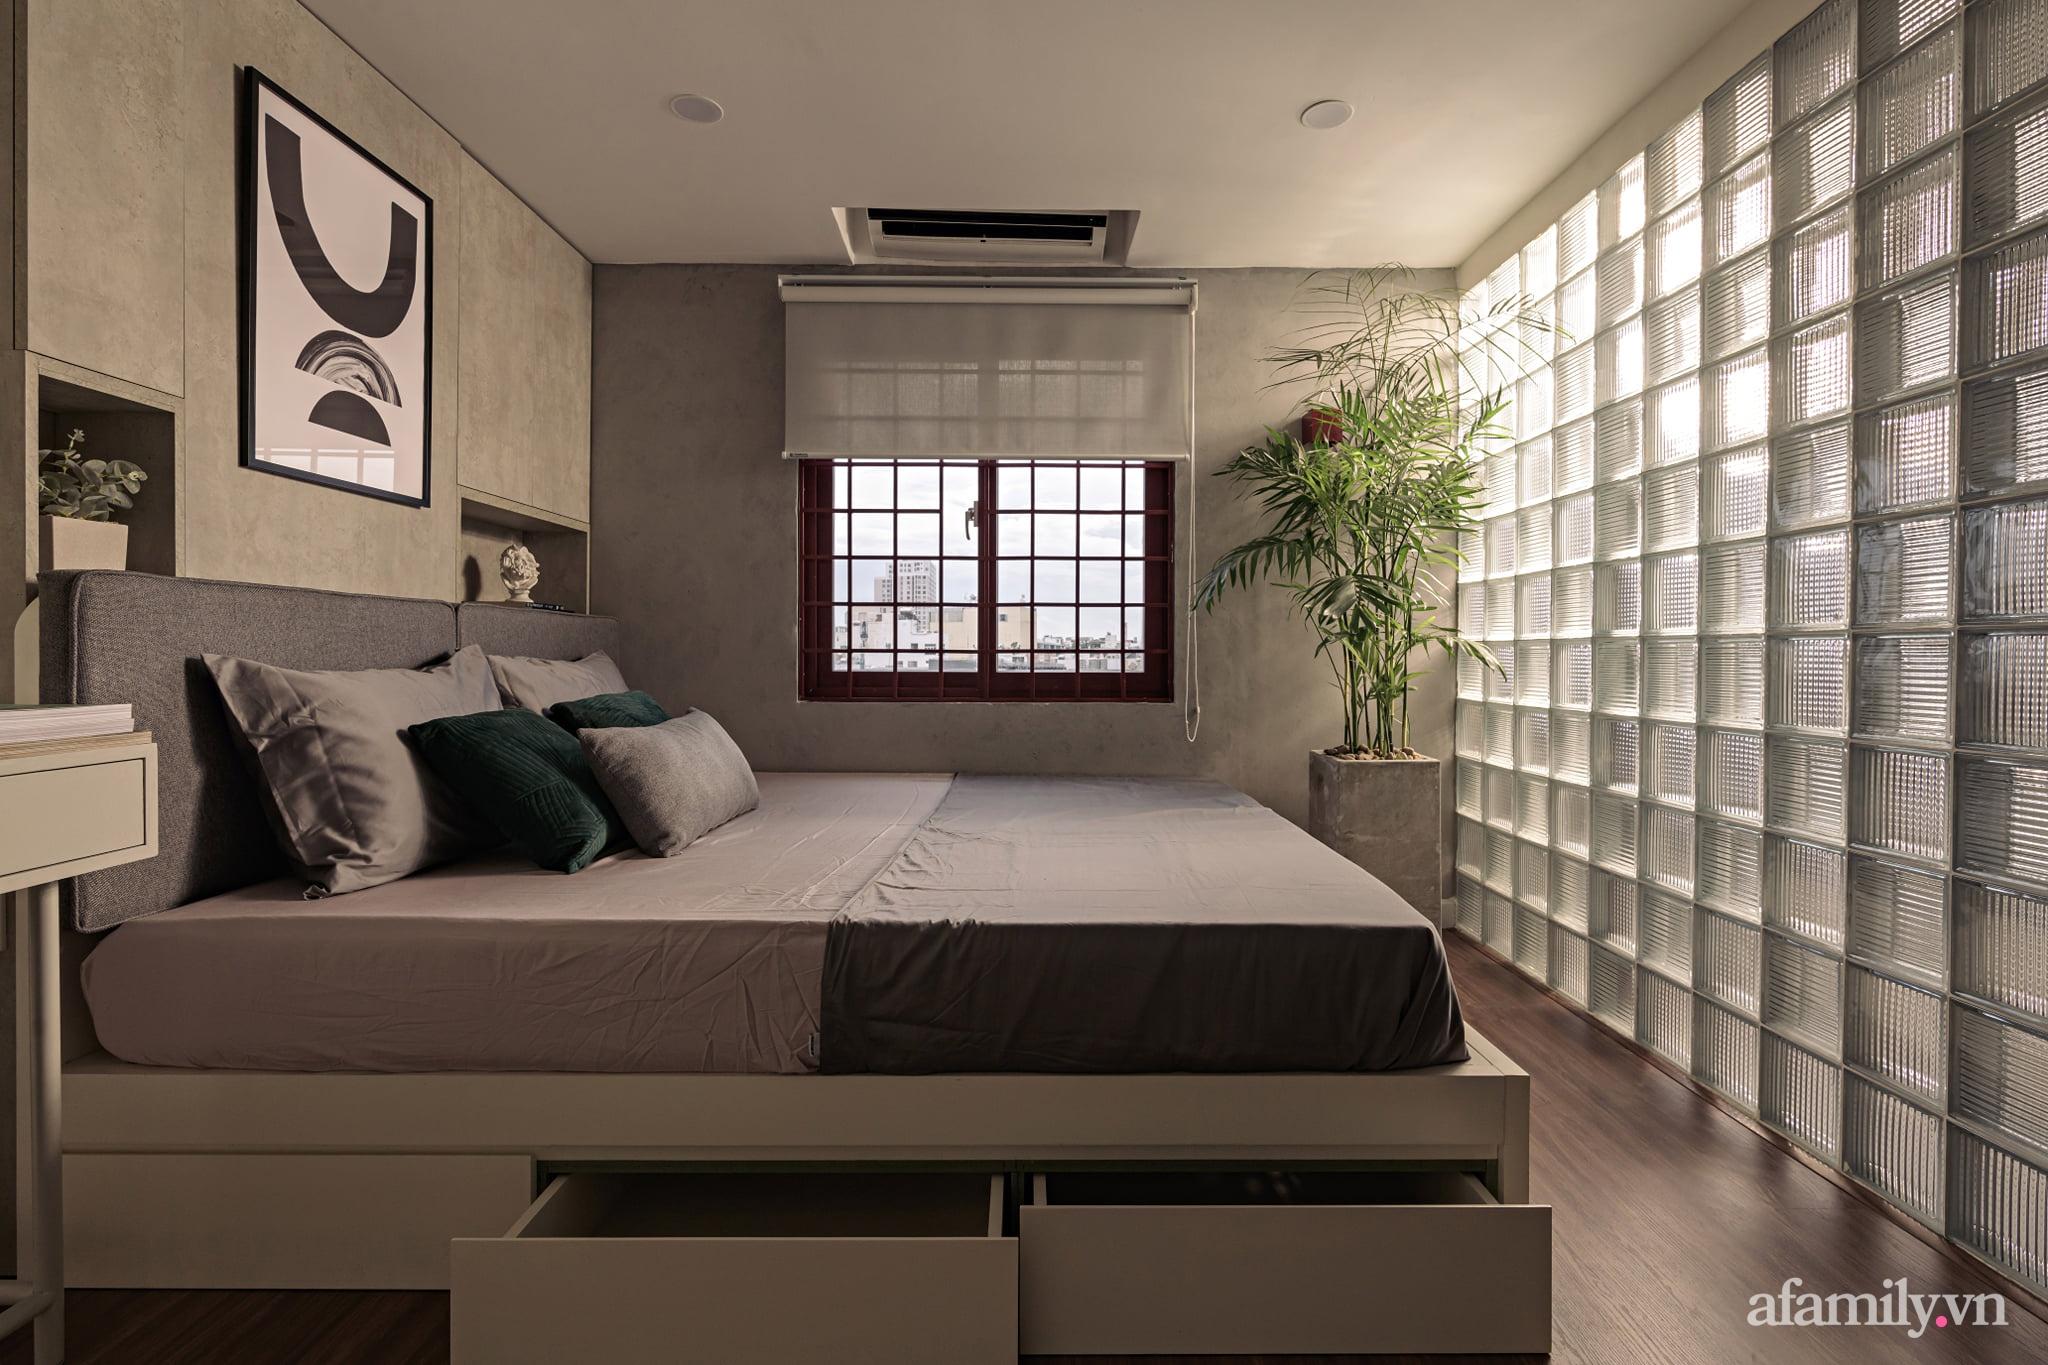 Từ Mỹ trở về Sài Gòn, chàng trai chi 300 triệu sửa căn hộ xây từ 20 năm trước thành không gian đẹp như tranh vẽ - Ảnh 14.